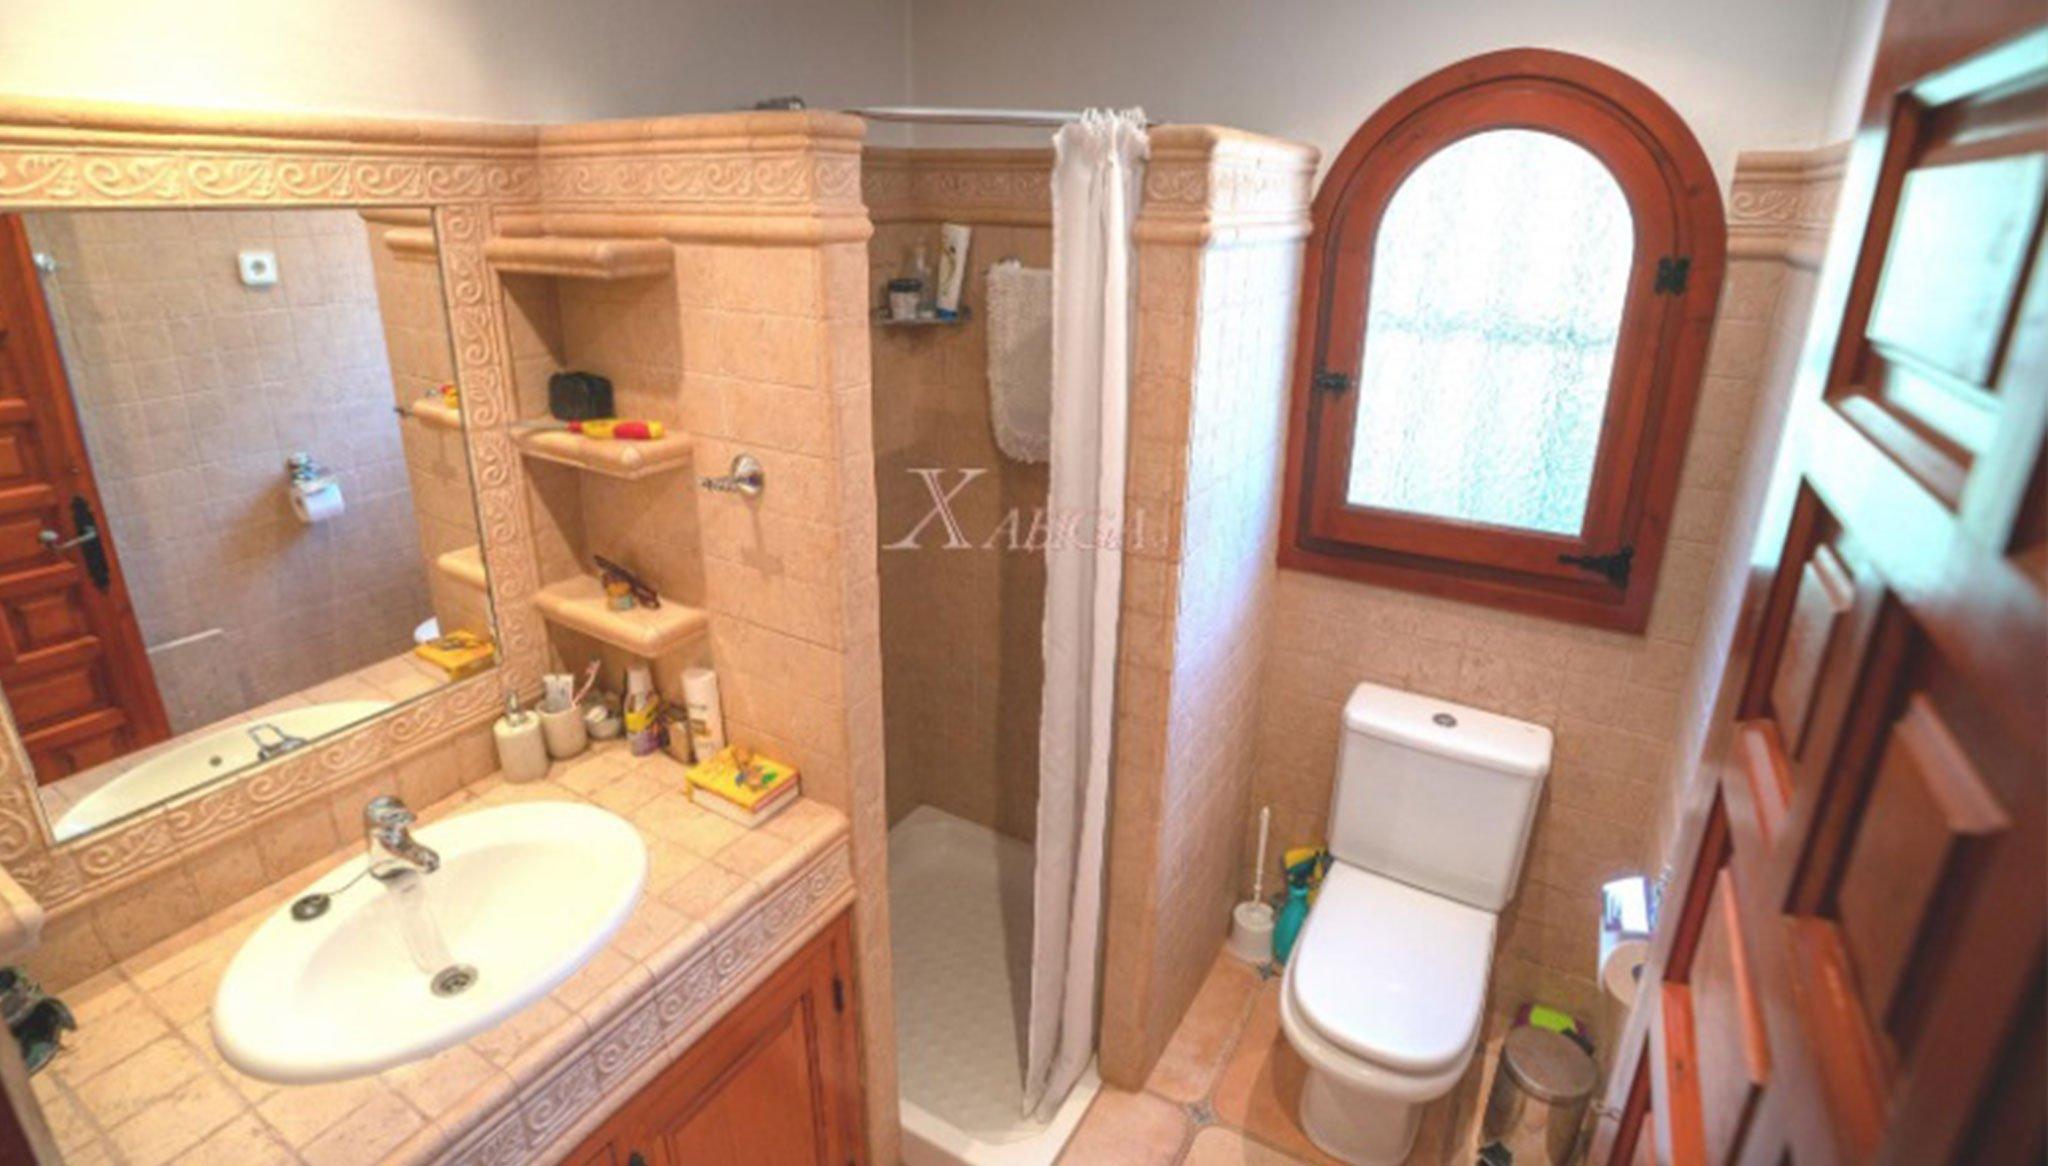 Banheiro em uma vivenda à venda em Jávea - Xabiga Inmobiliaria